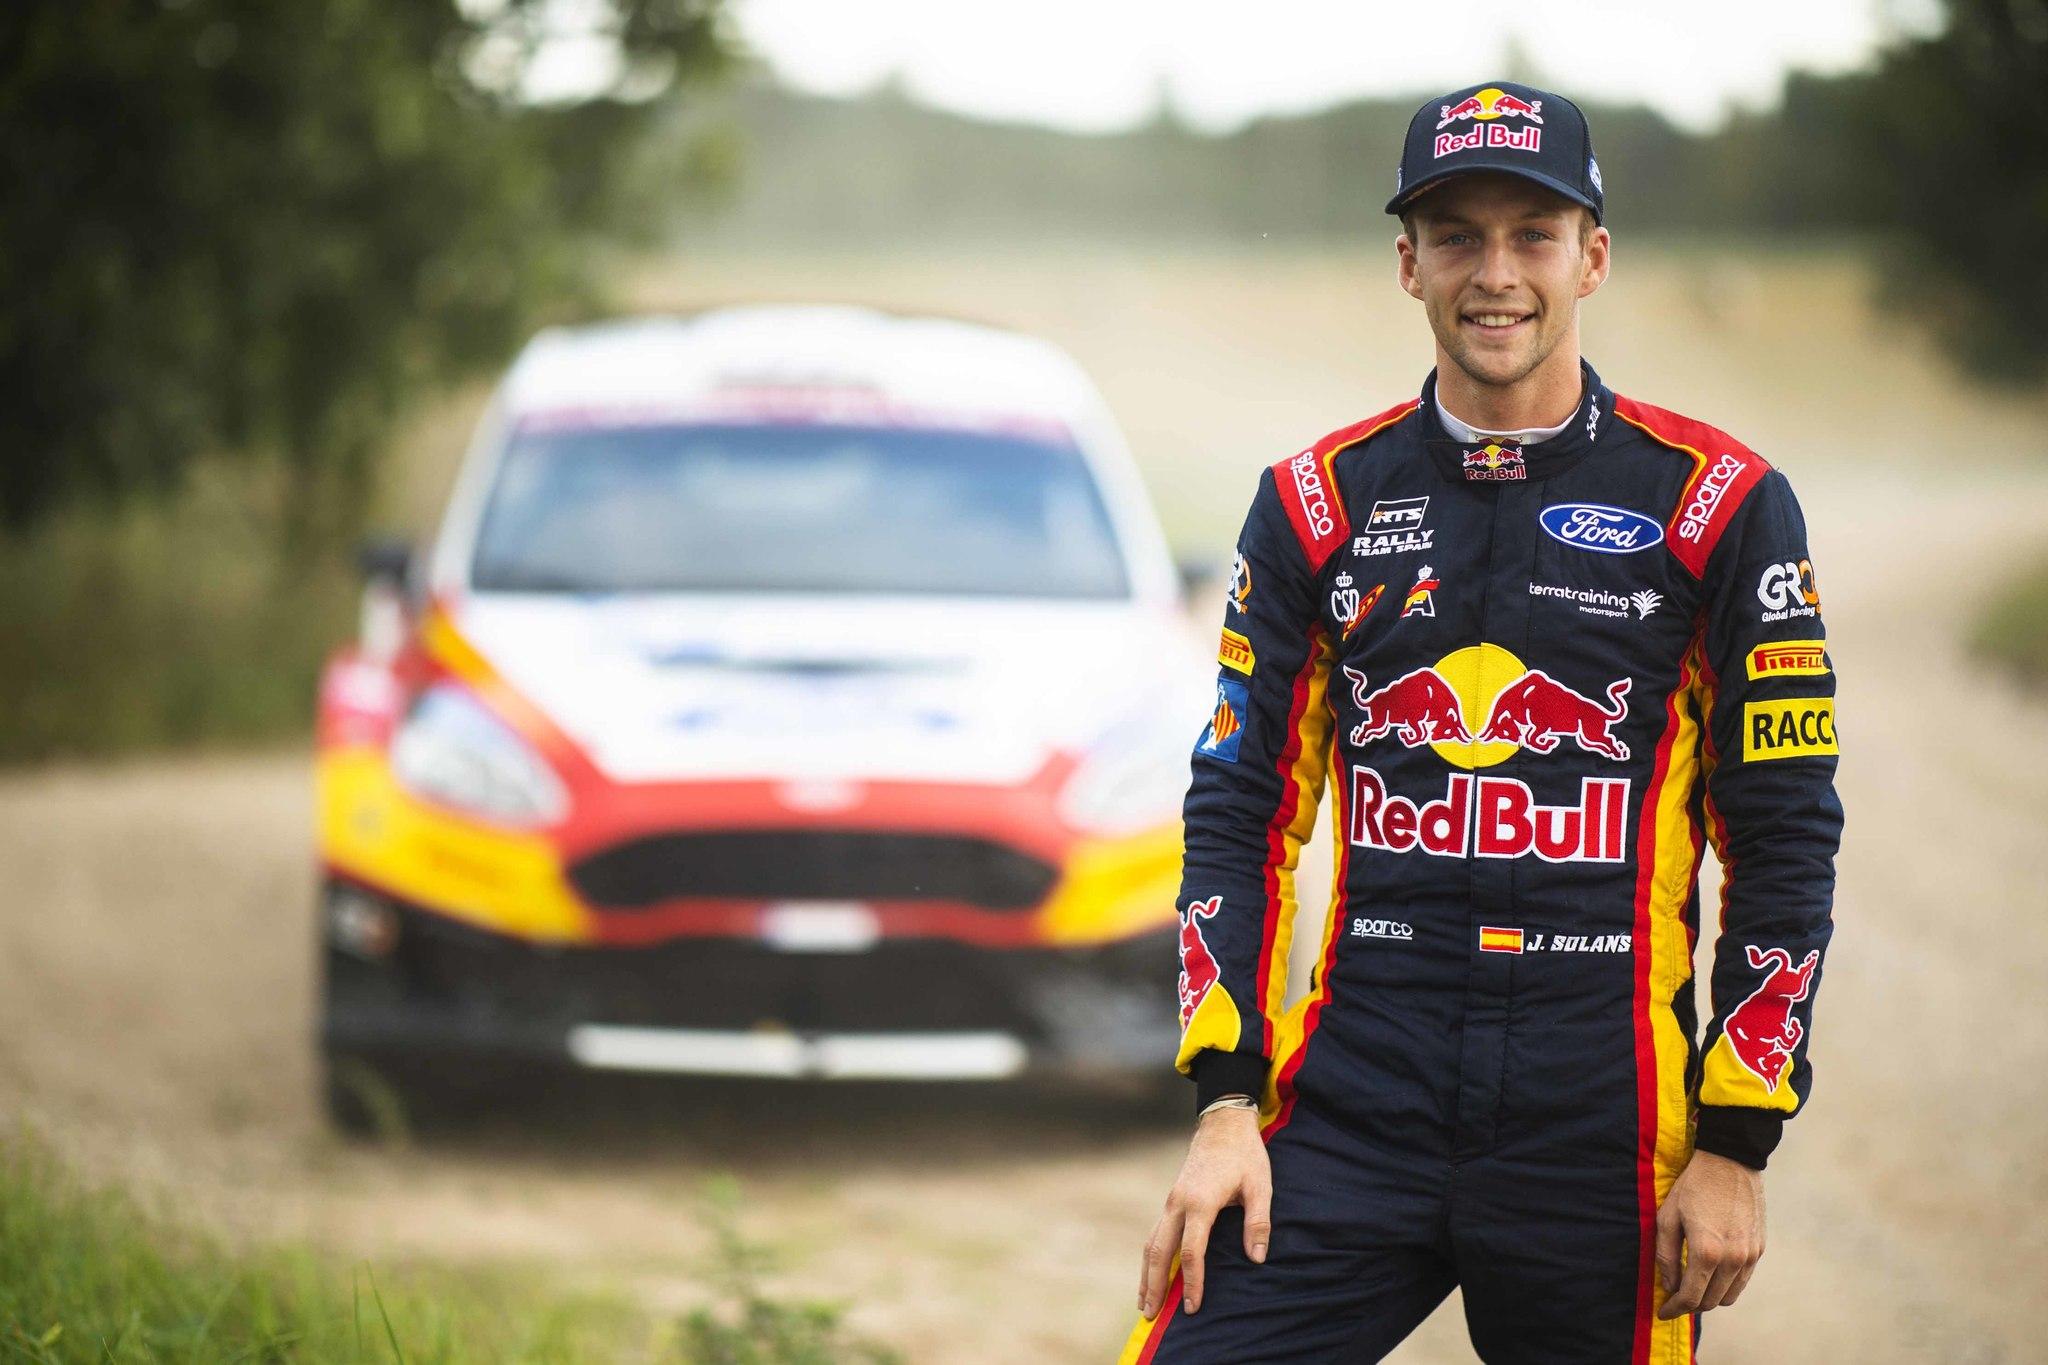 Solans ganó su categoría en este rally el año pasado y quiere volver a destacar ahora con el R5.